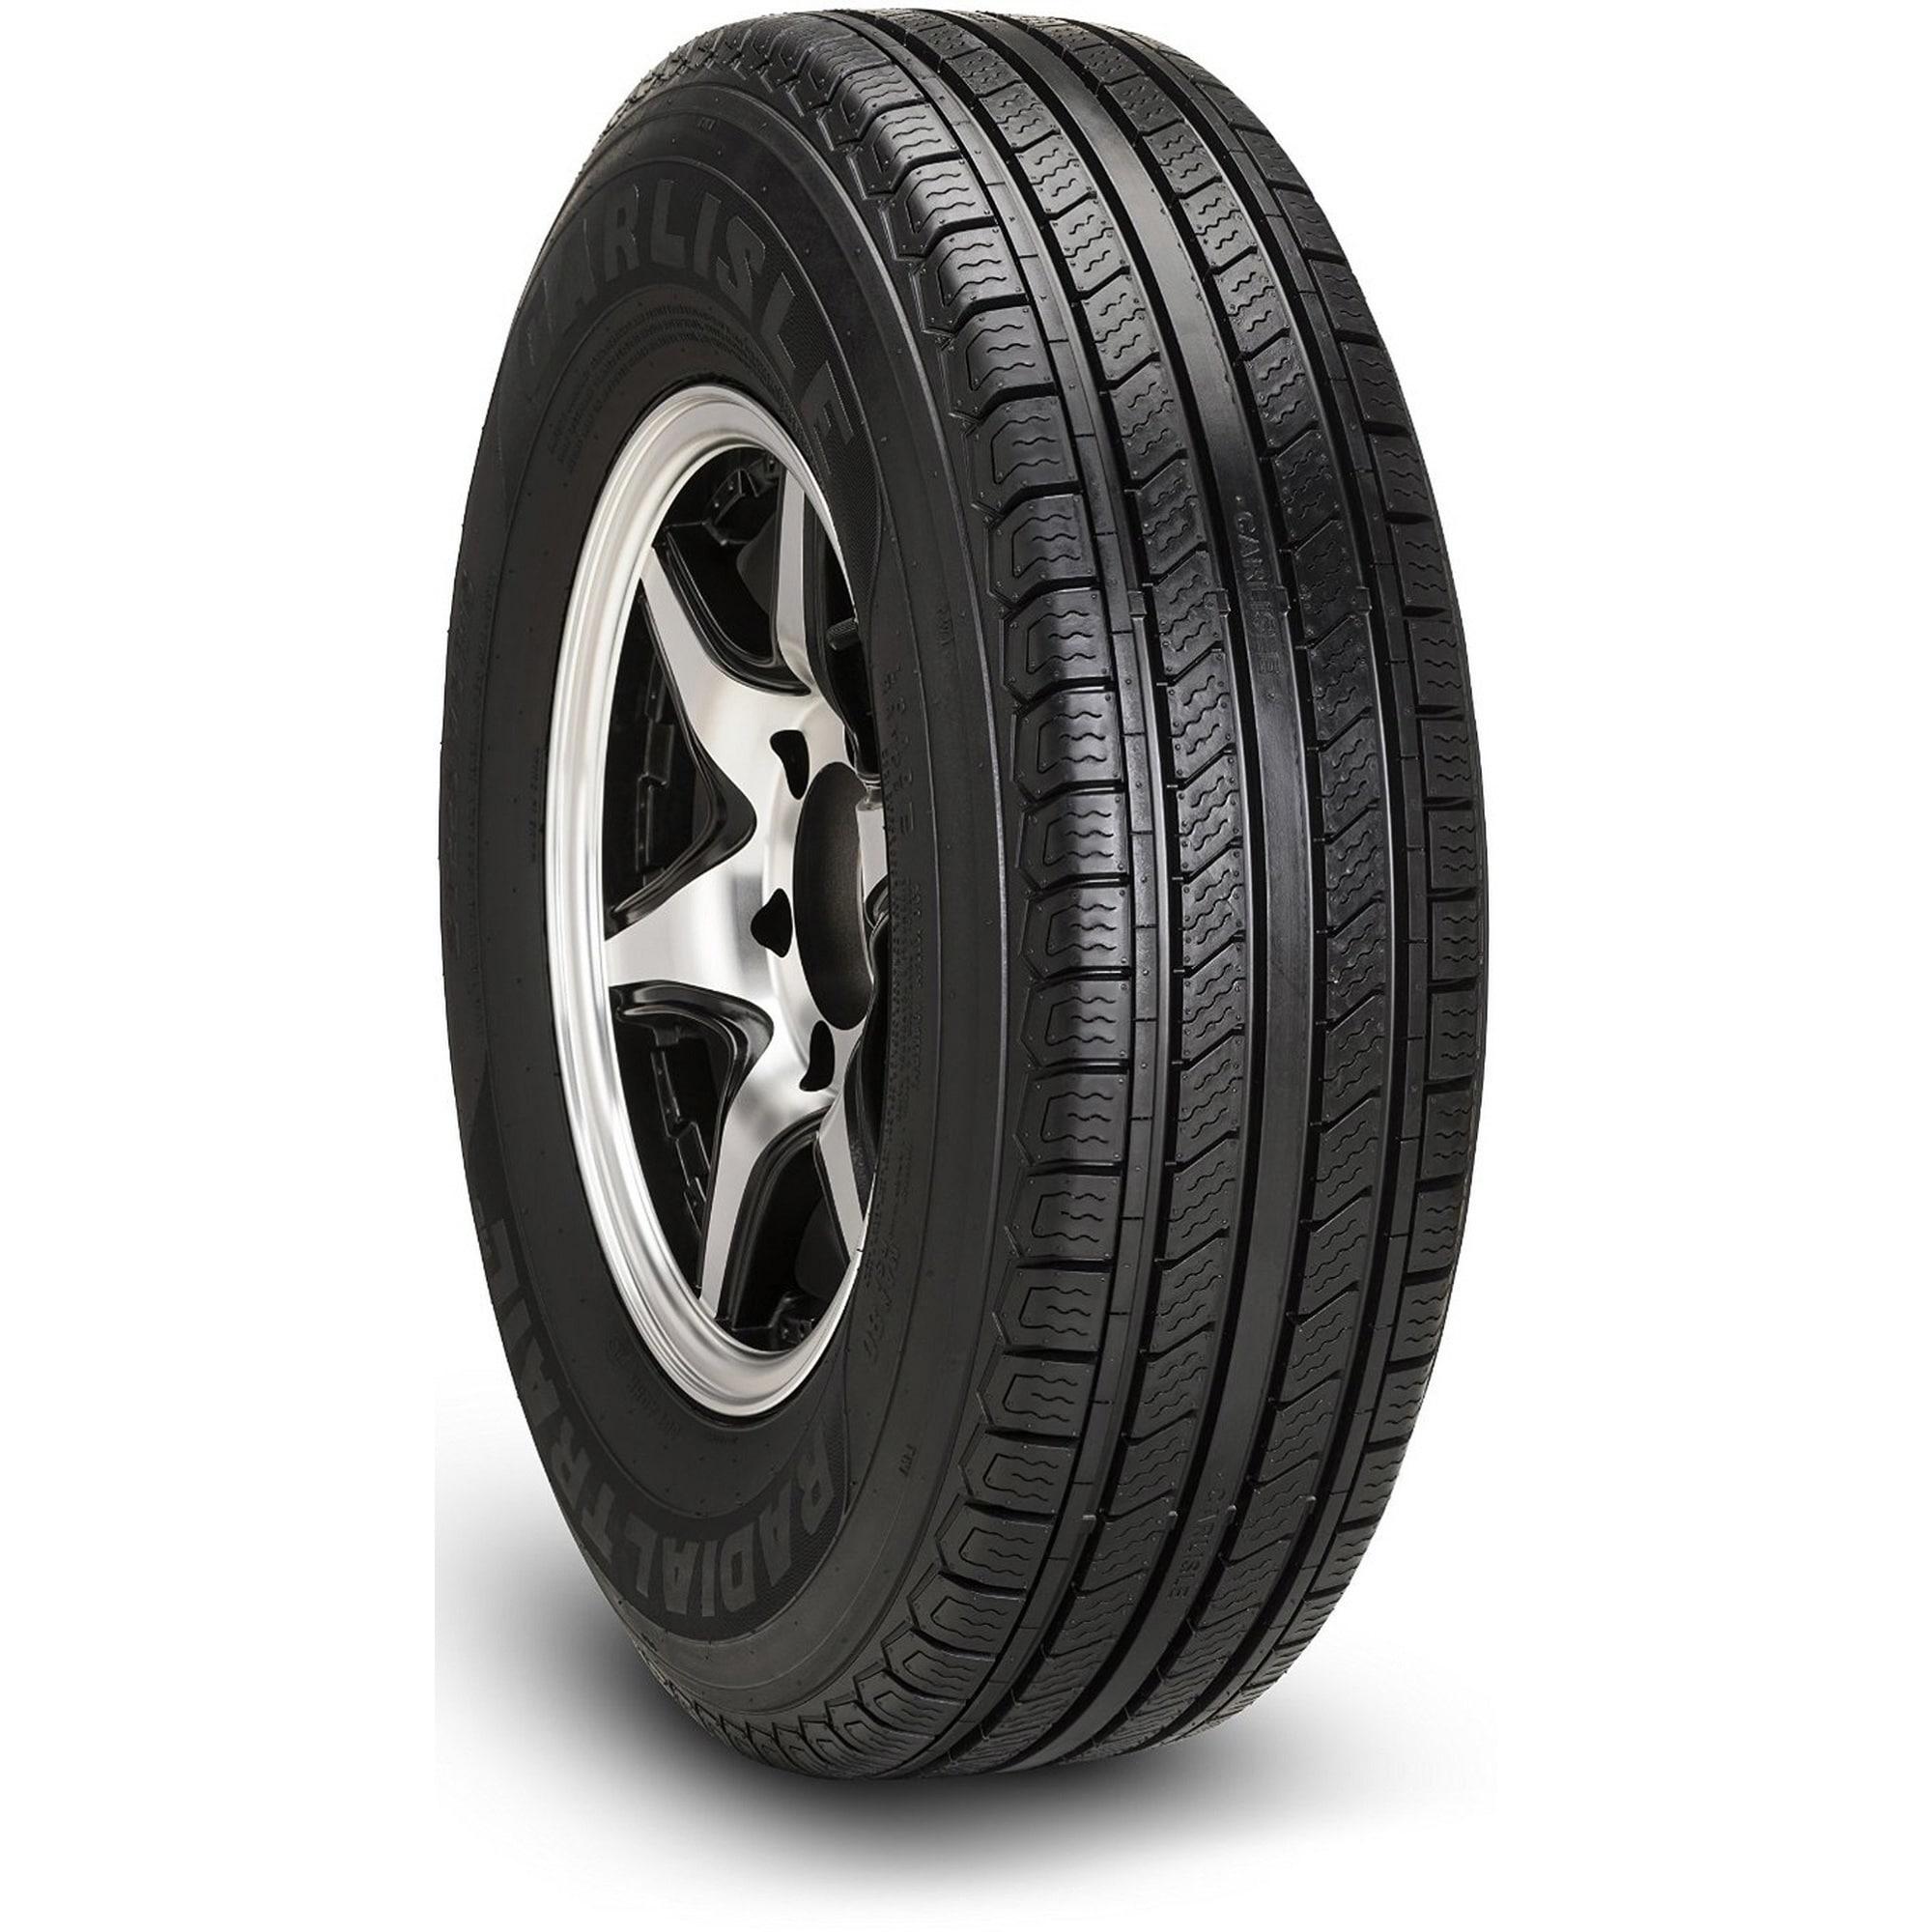 Carlisle Radial Trail HD Trailer Tire - ST205/75R14 LRC/6...